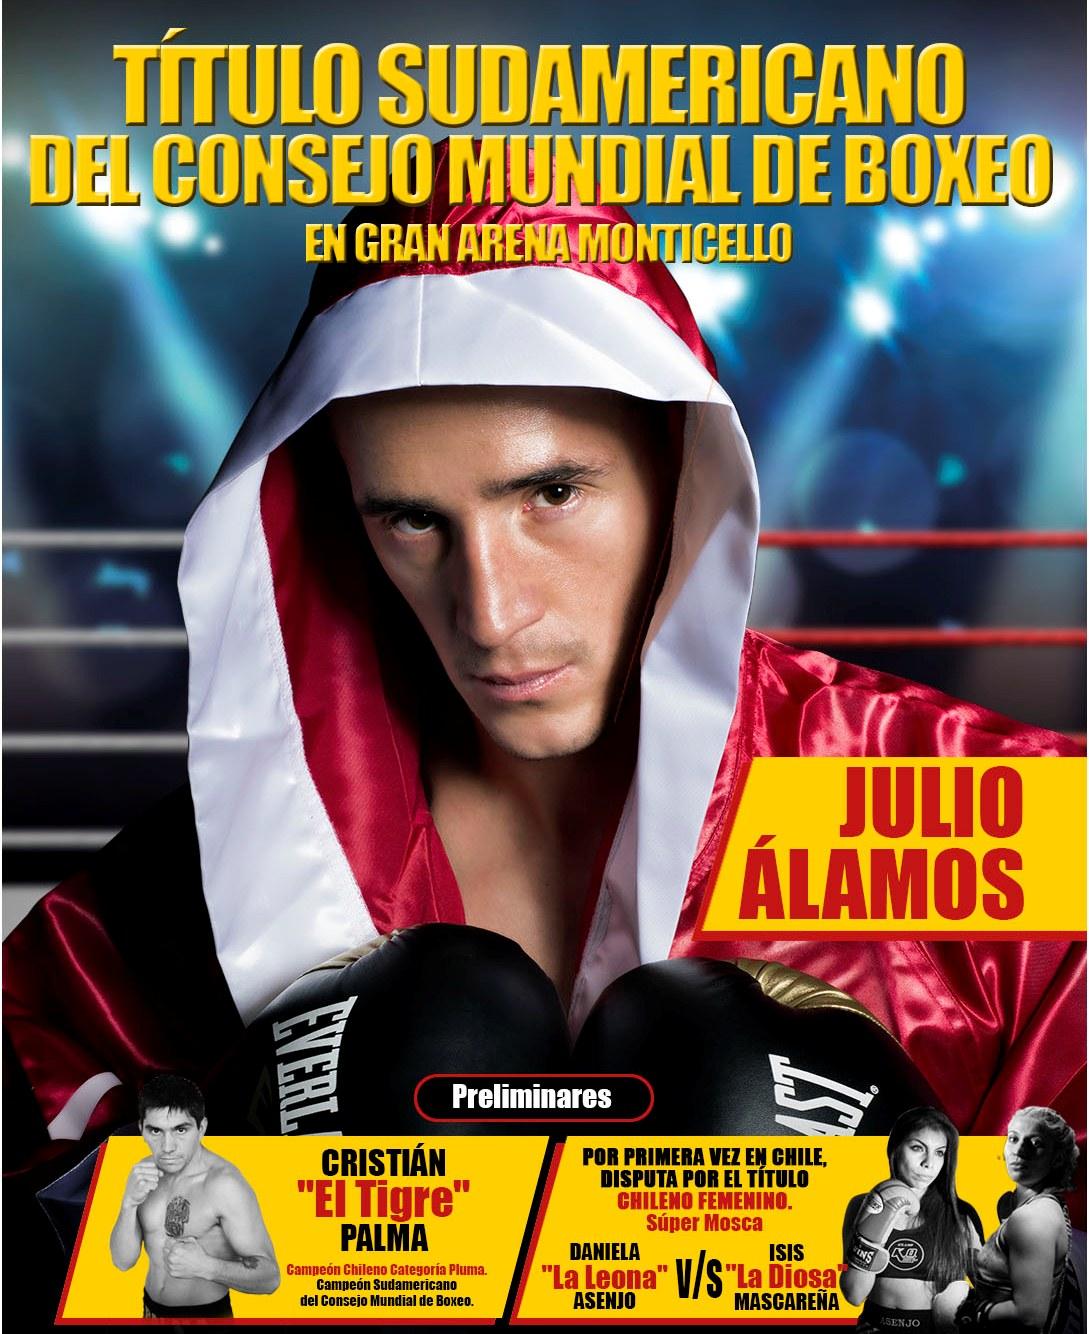 El Título Sudamericano del Consejo Mundial De Boxeo se disputará en Sun Monticello